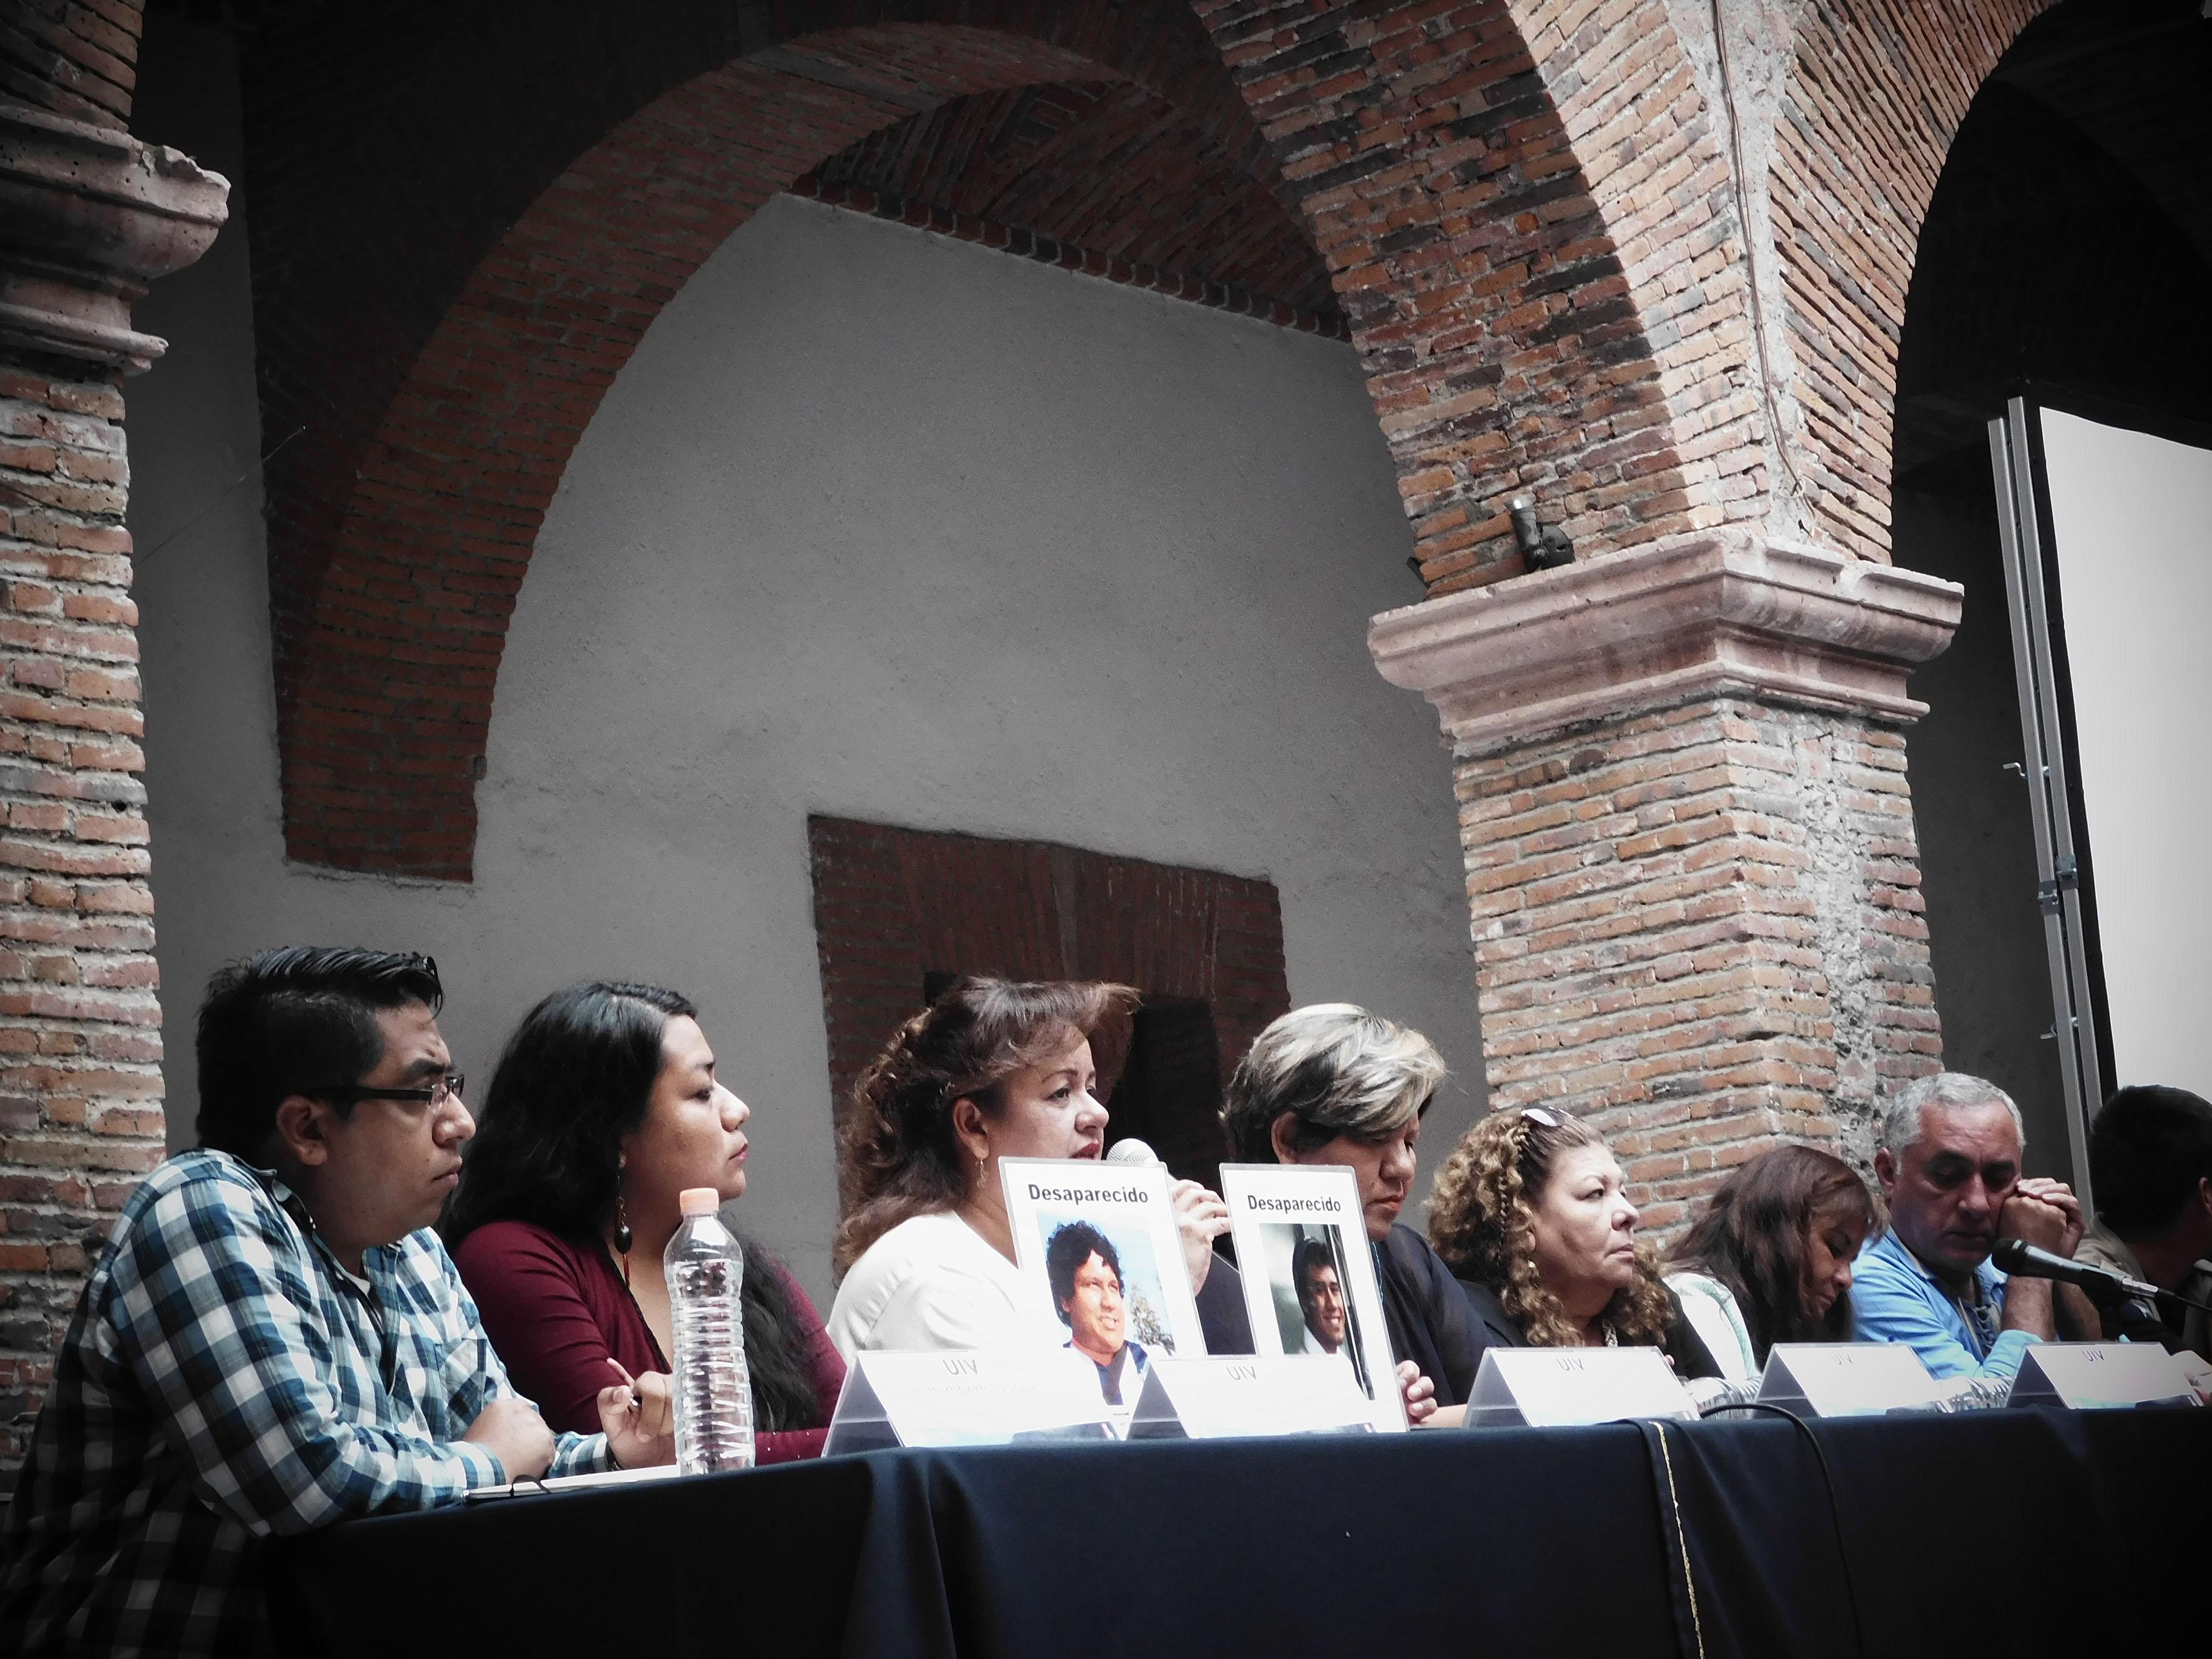 """Familiares de desaparecidos en Jalisco y Guerrero, participando en conversatorio, en el marco del """"Seminario de desaparición forzada: un crimen de lesa humanidad""""."""